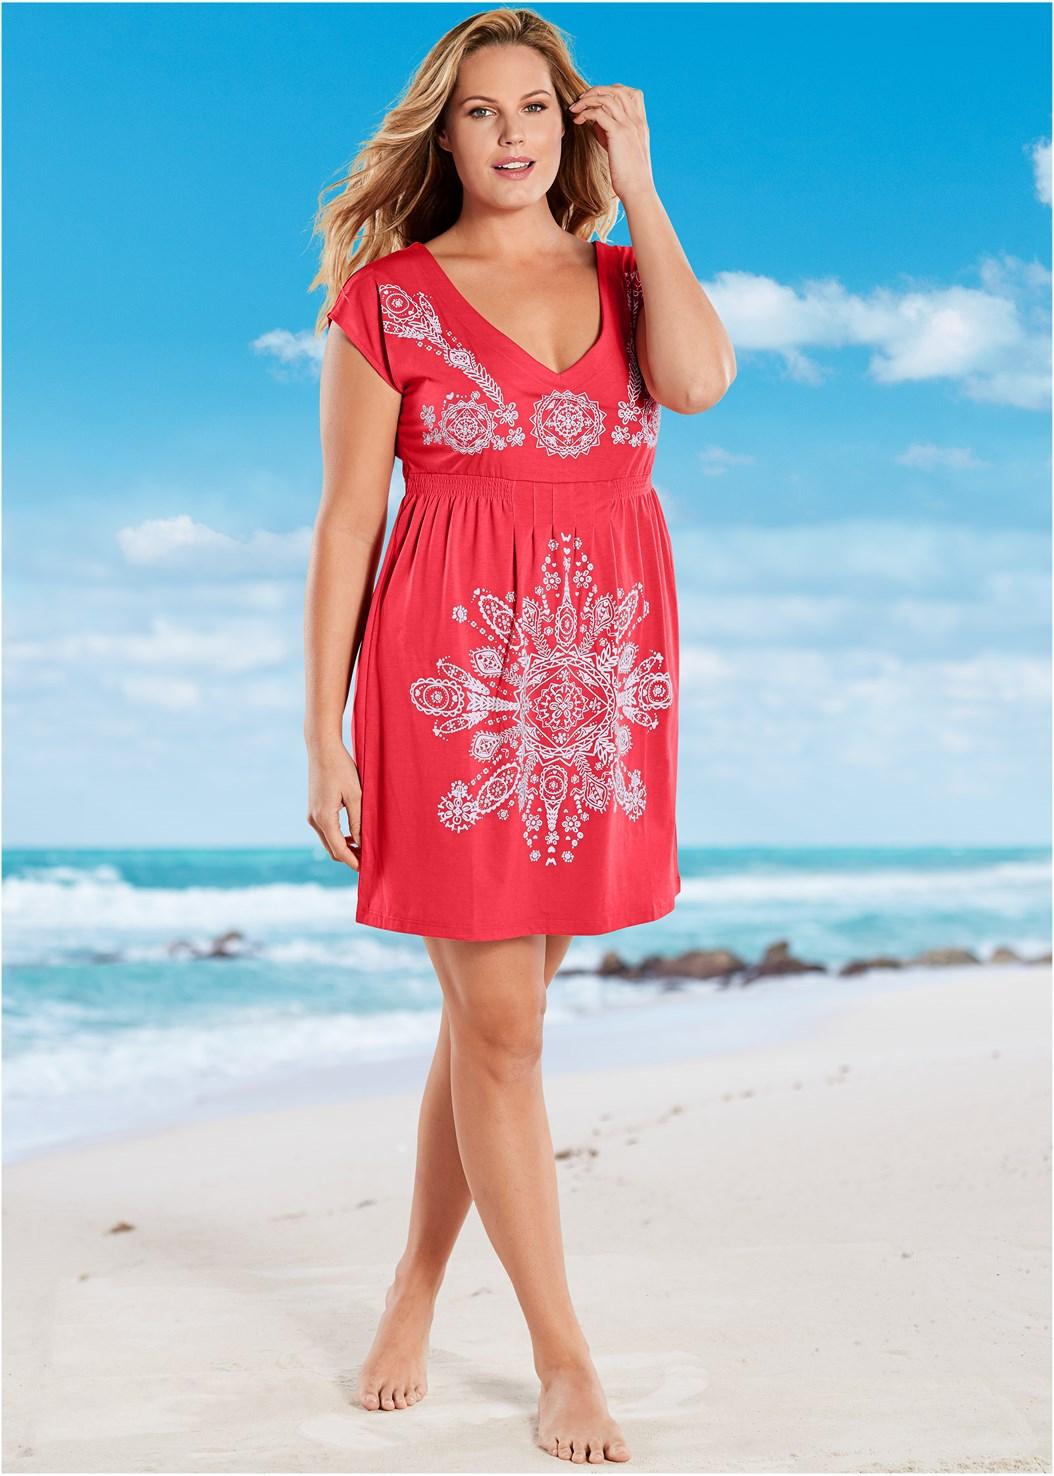 Print Dress,Goddess Enhancer Push Up Halter Top,High Waist Full Cut Bottom